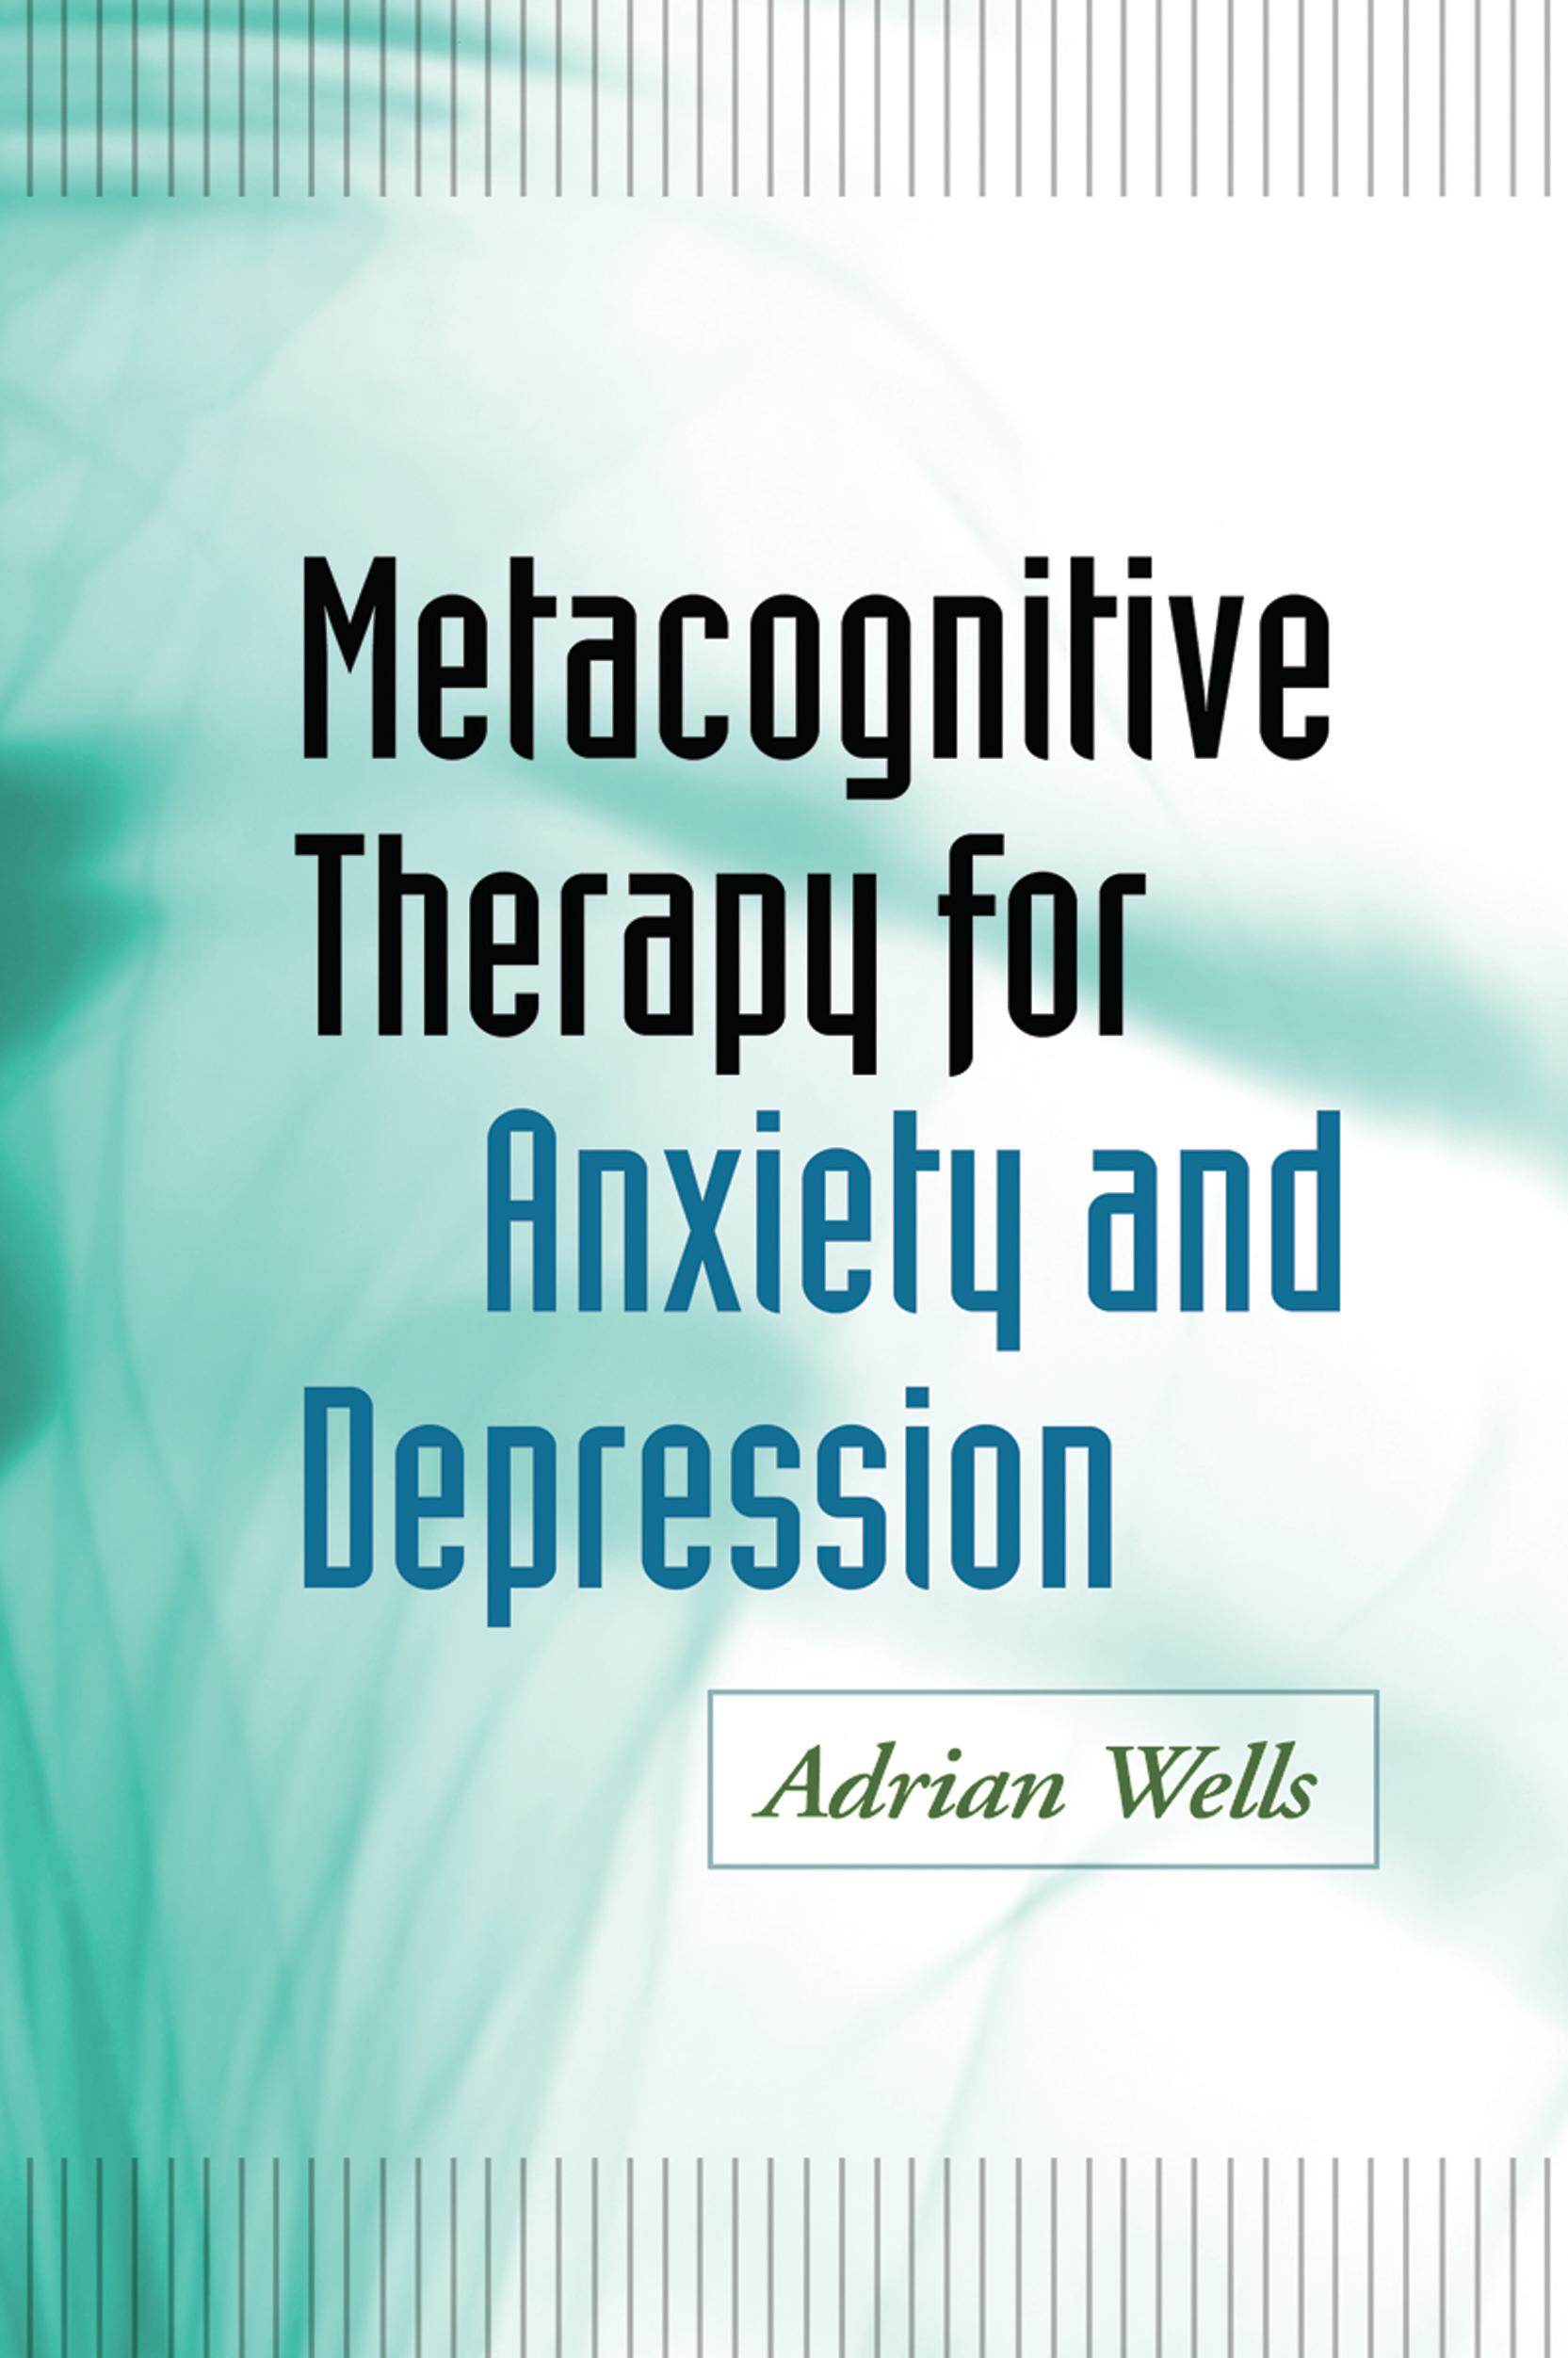 метакогнитивная терапия. матекогниции. эдриан уэллс.